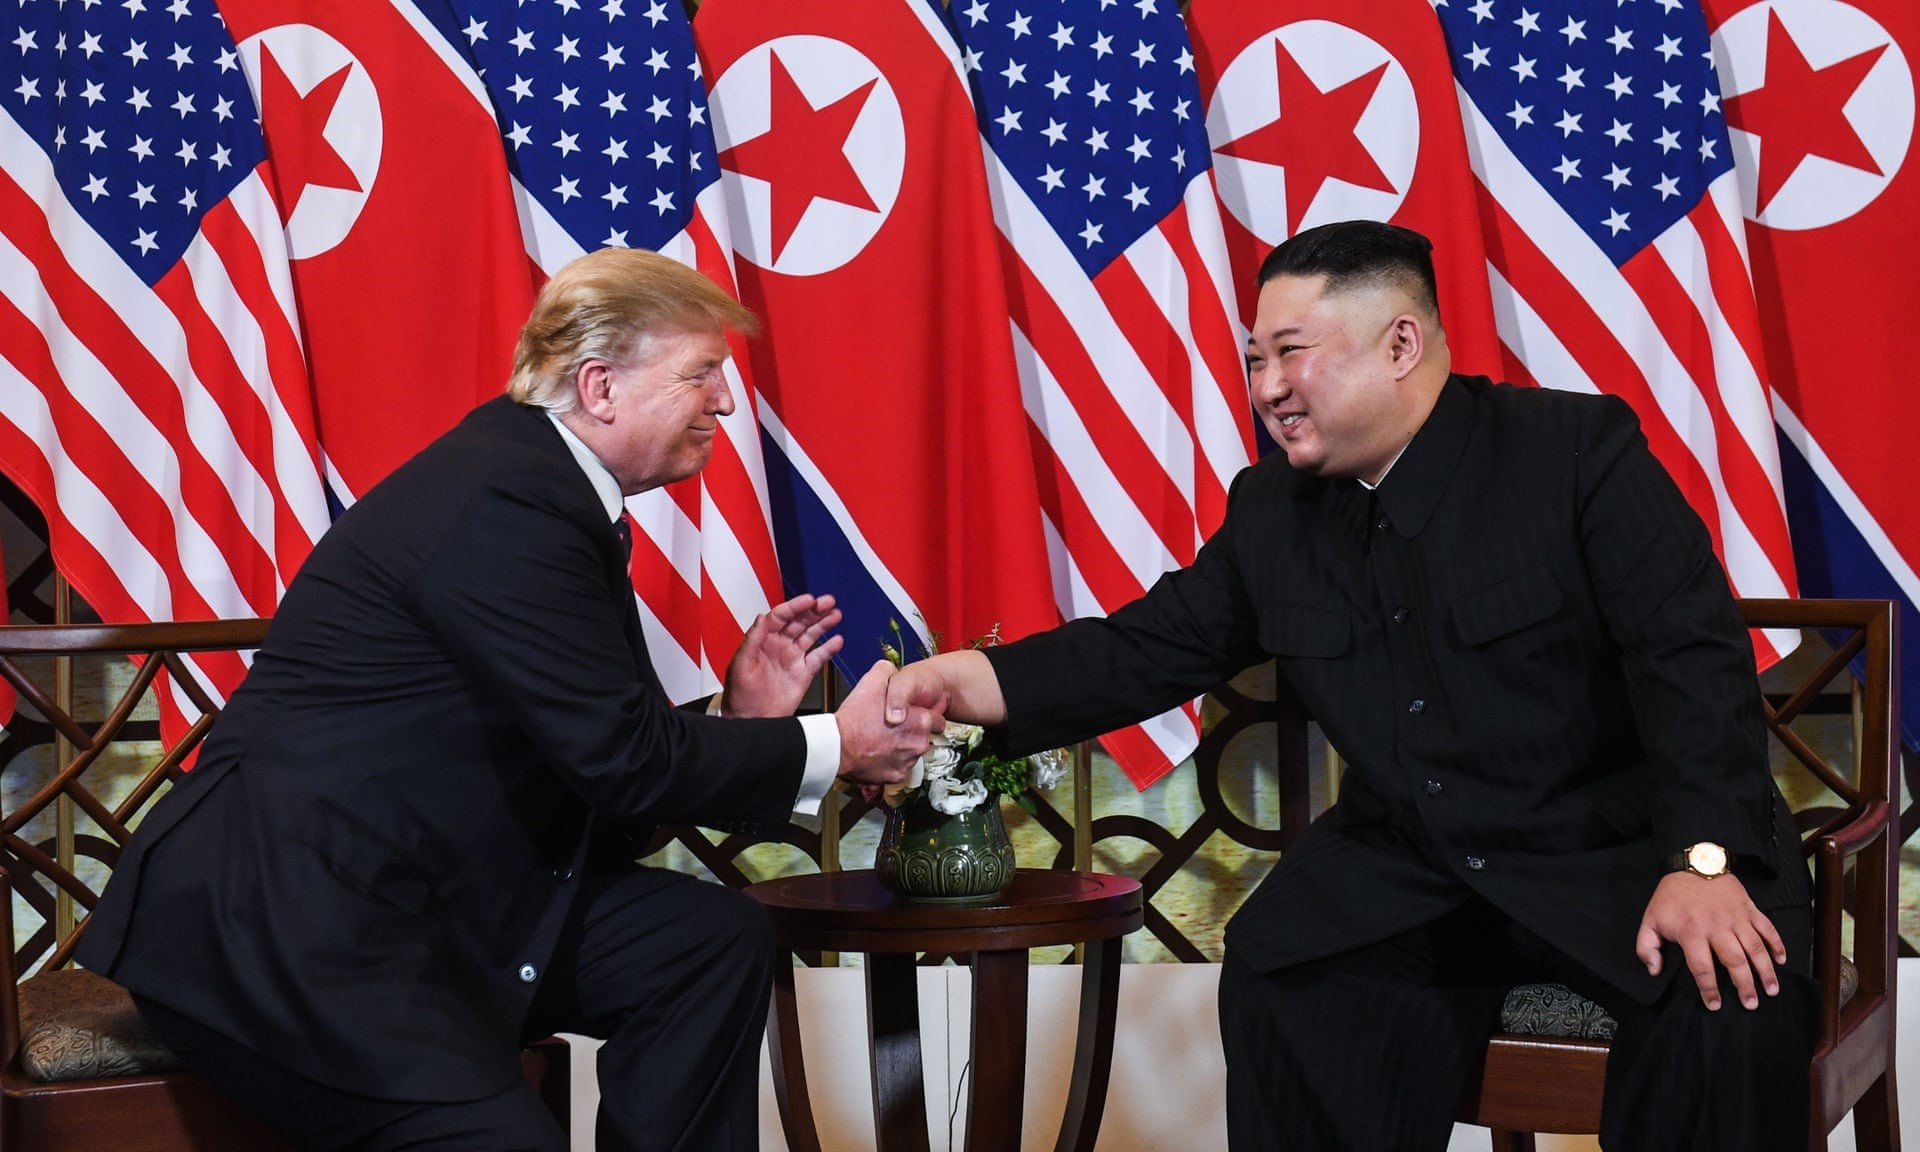 di Luca Marfé Donald Trump e Kim Jong-un. Occhi negli occhi, mano nella mano, con il Vietnam di nuovo crocevia del mondo intero. Questa volta, però, scenario di pace e non di guerra. Eccoli in posa, a favore di macchine fotografiche e telecamere. E poi ancora, un attimo dopo, seduti attorno al tavolo di una cena che è già Storia. Ecco com'è andata. Ecco il summit di Hanoi in 7 punti.  A dispetto dell'attesa,